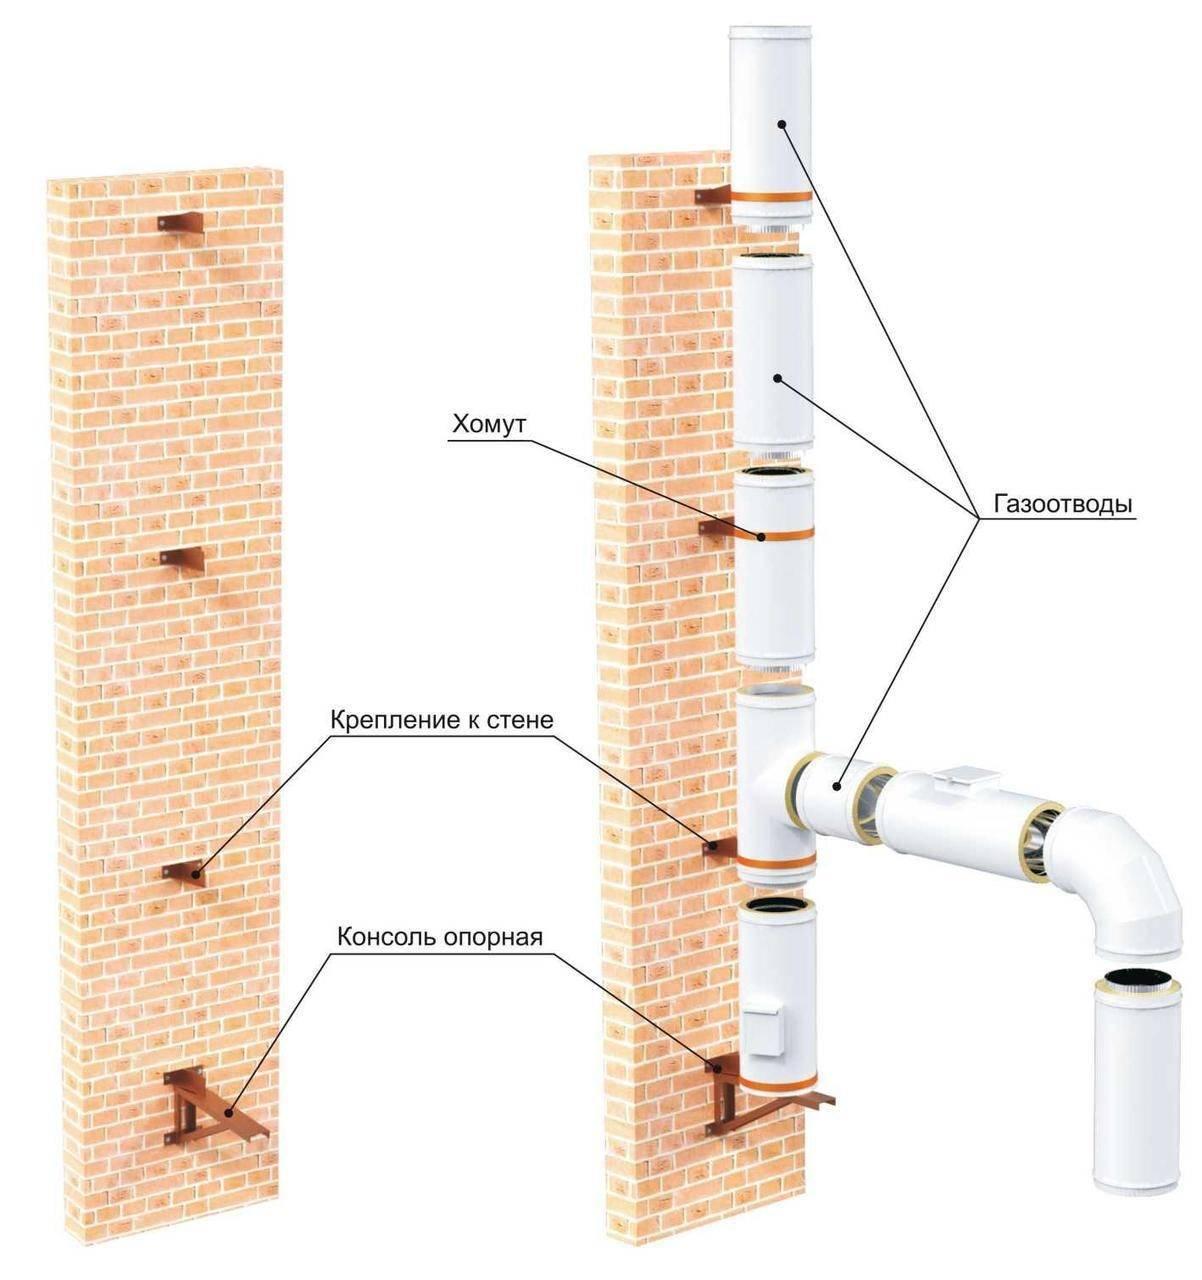 Монтаж вентиляции и воздуховодов